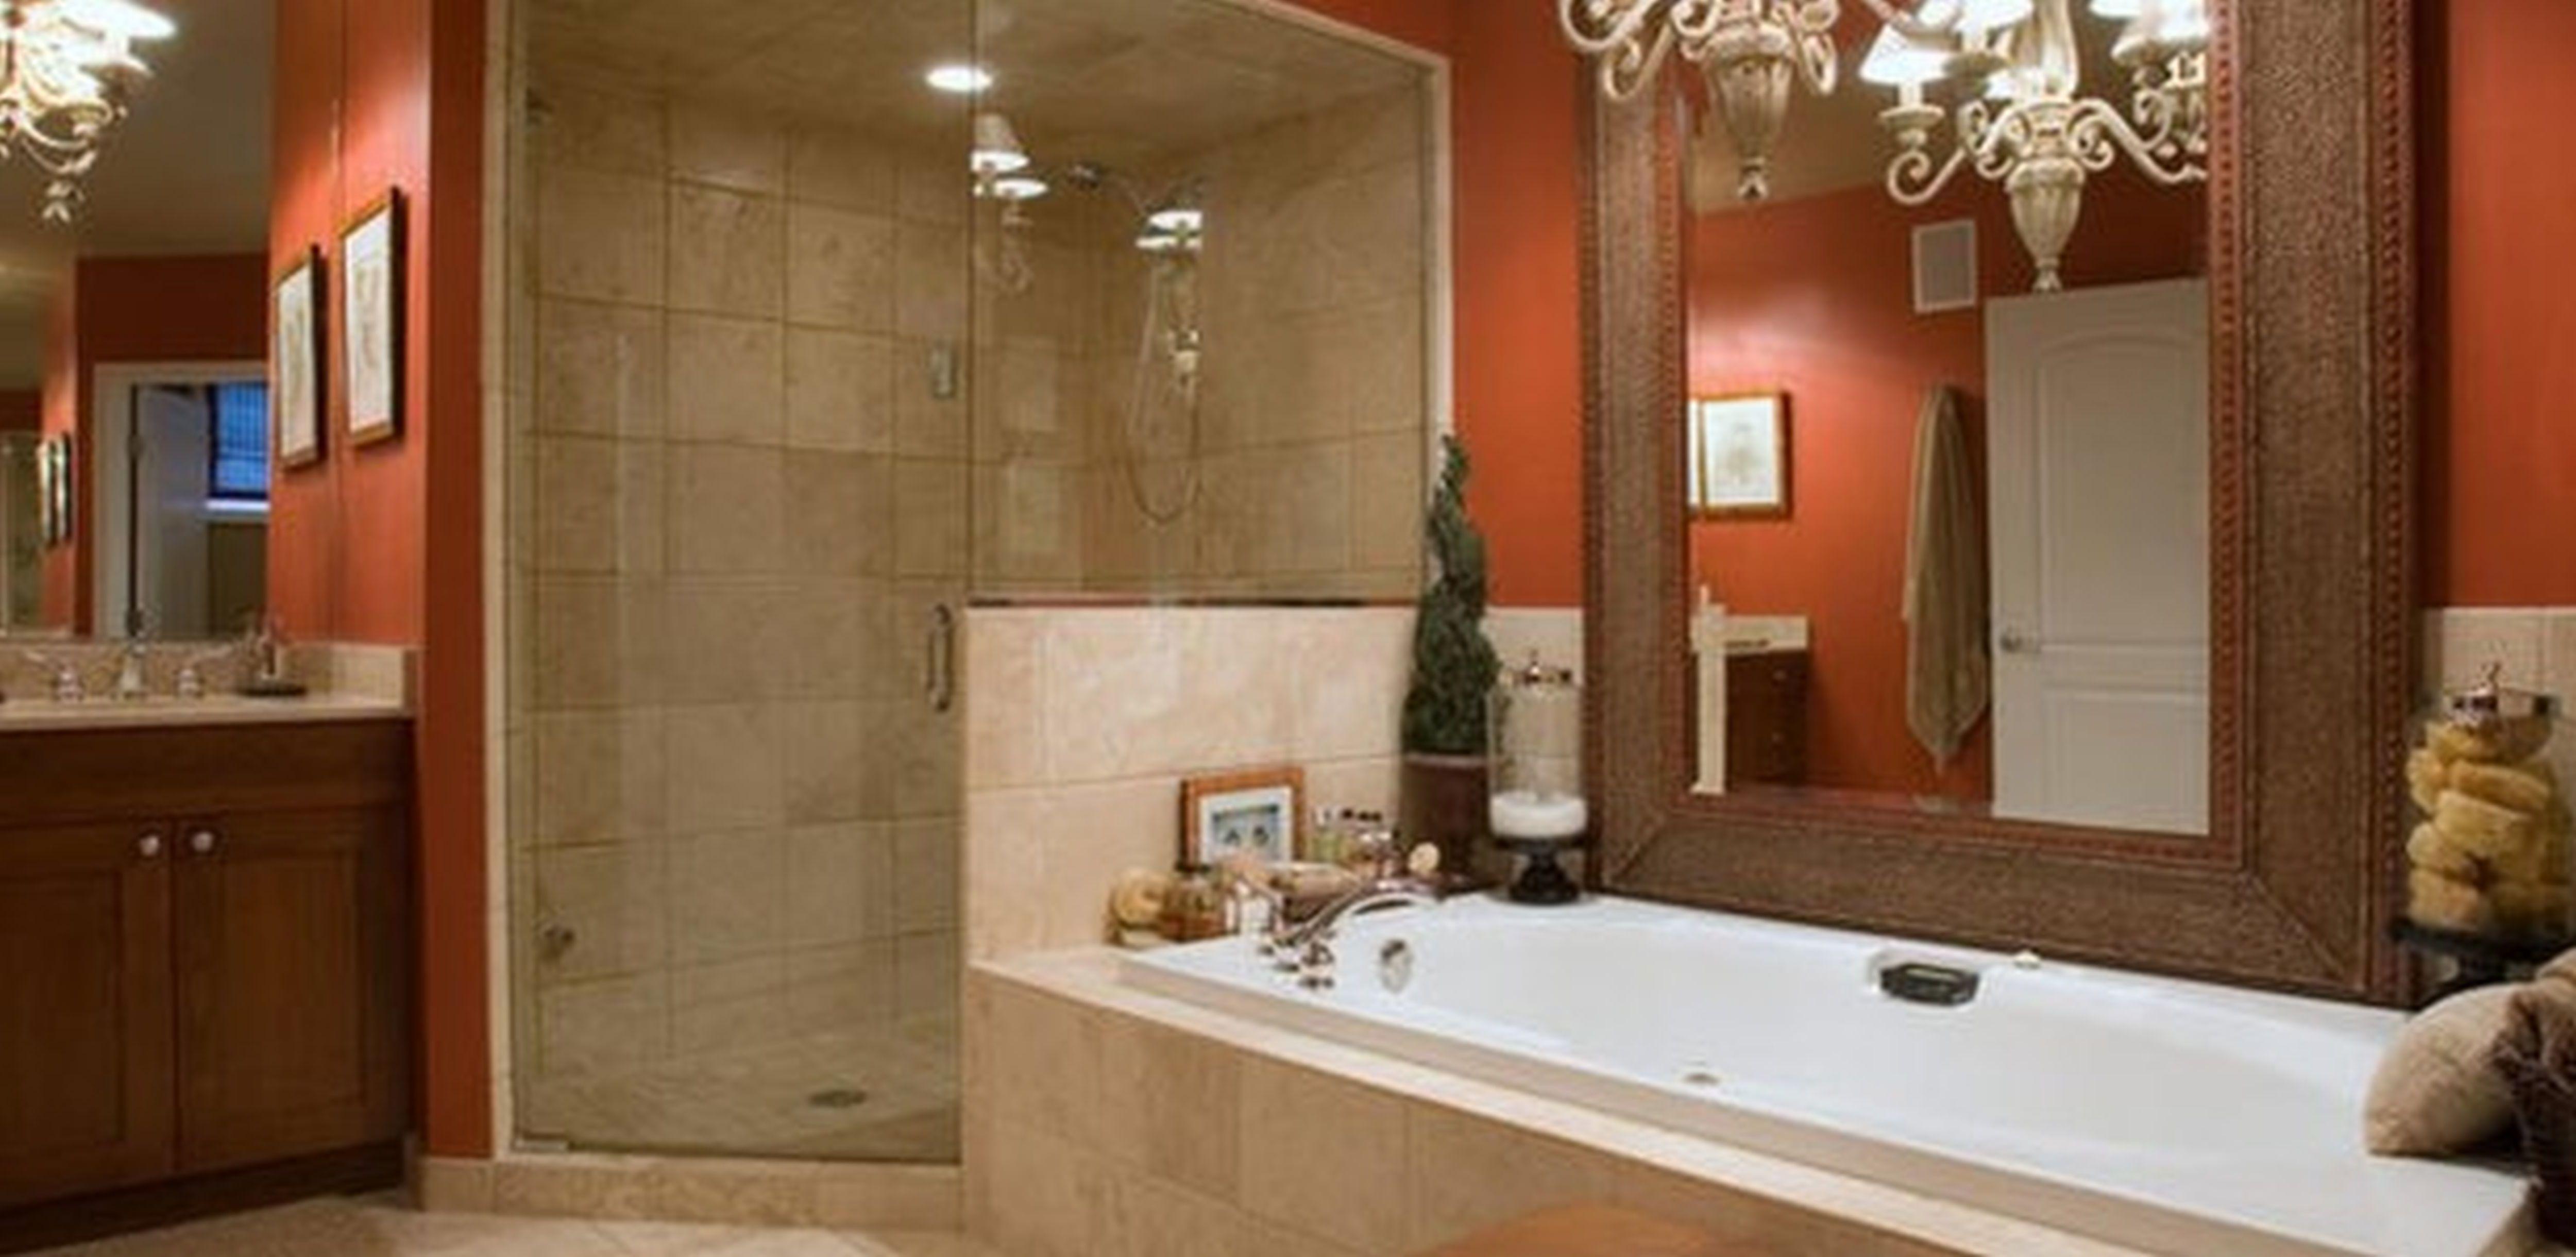 latest bathroom vanity organizers concept-New Bathroom Vanity organizers Plan